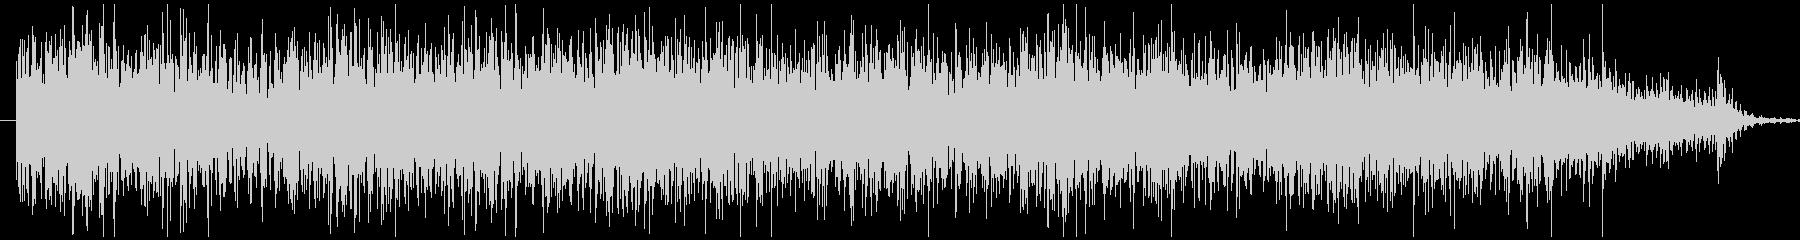 カメラ動作音(デジモノ作動音等)ウィーンの未再生の波形